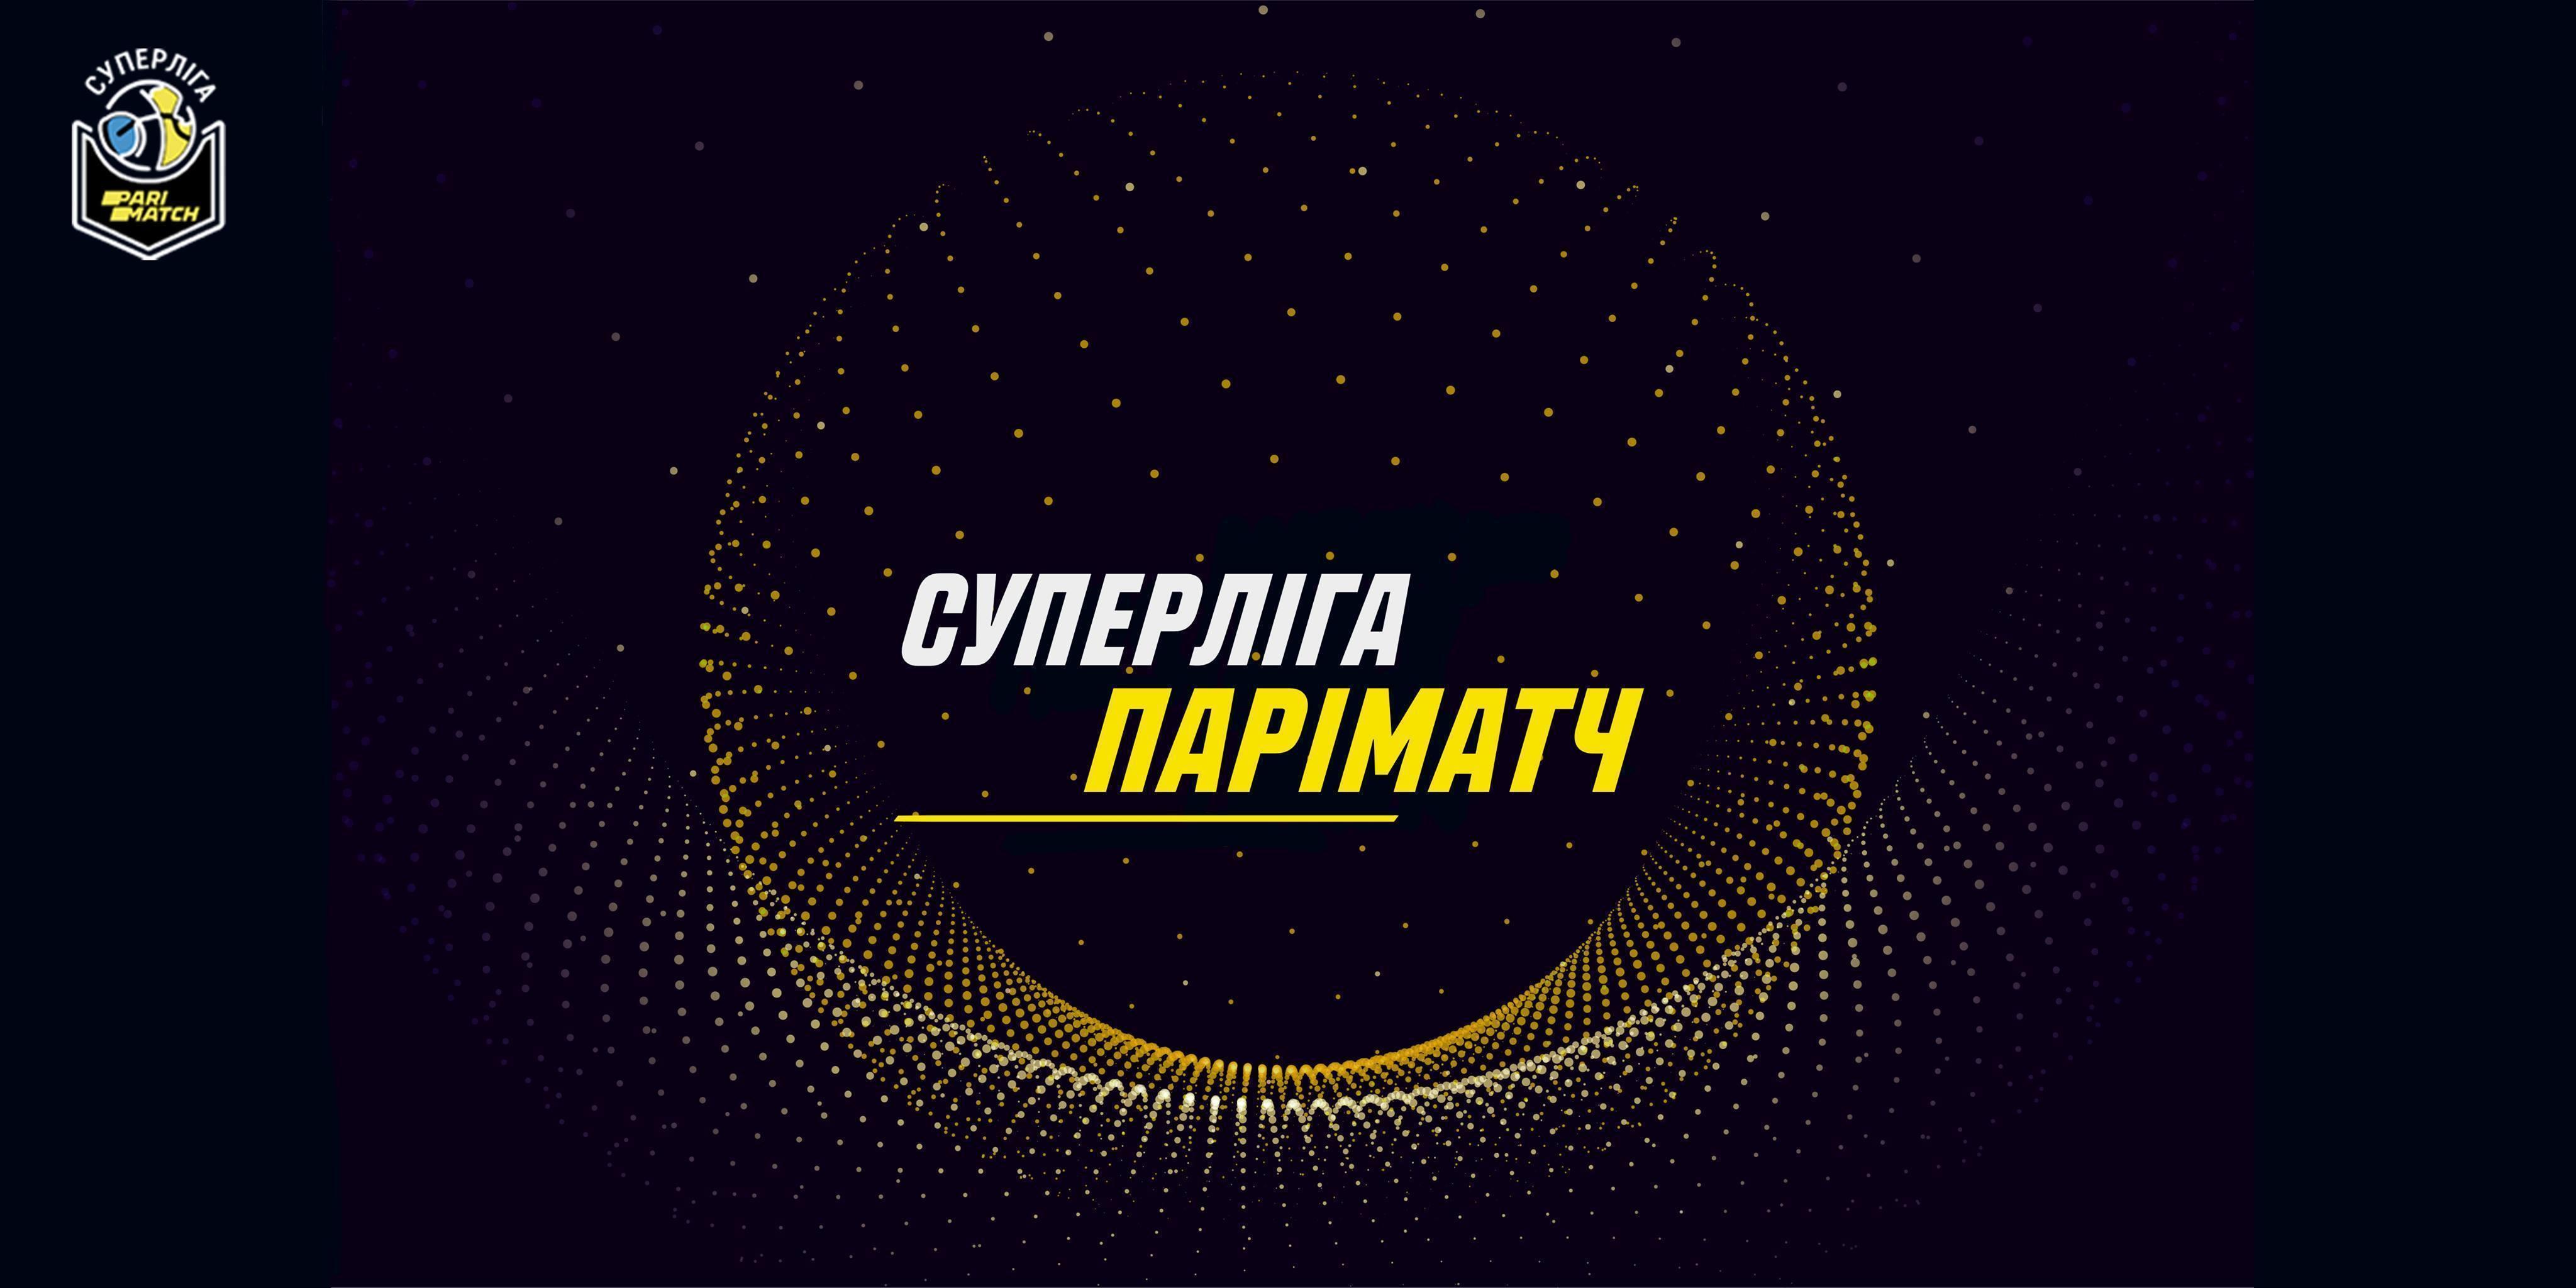 Суперліга Паріматч: відео матчу 22 листопада